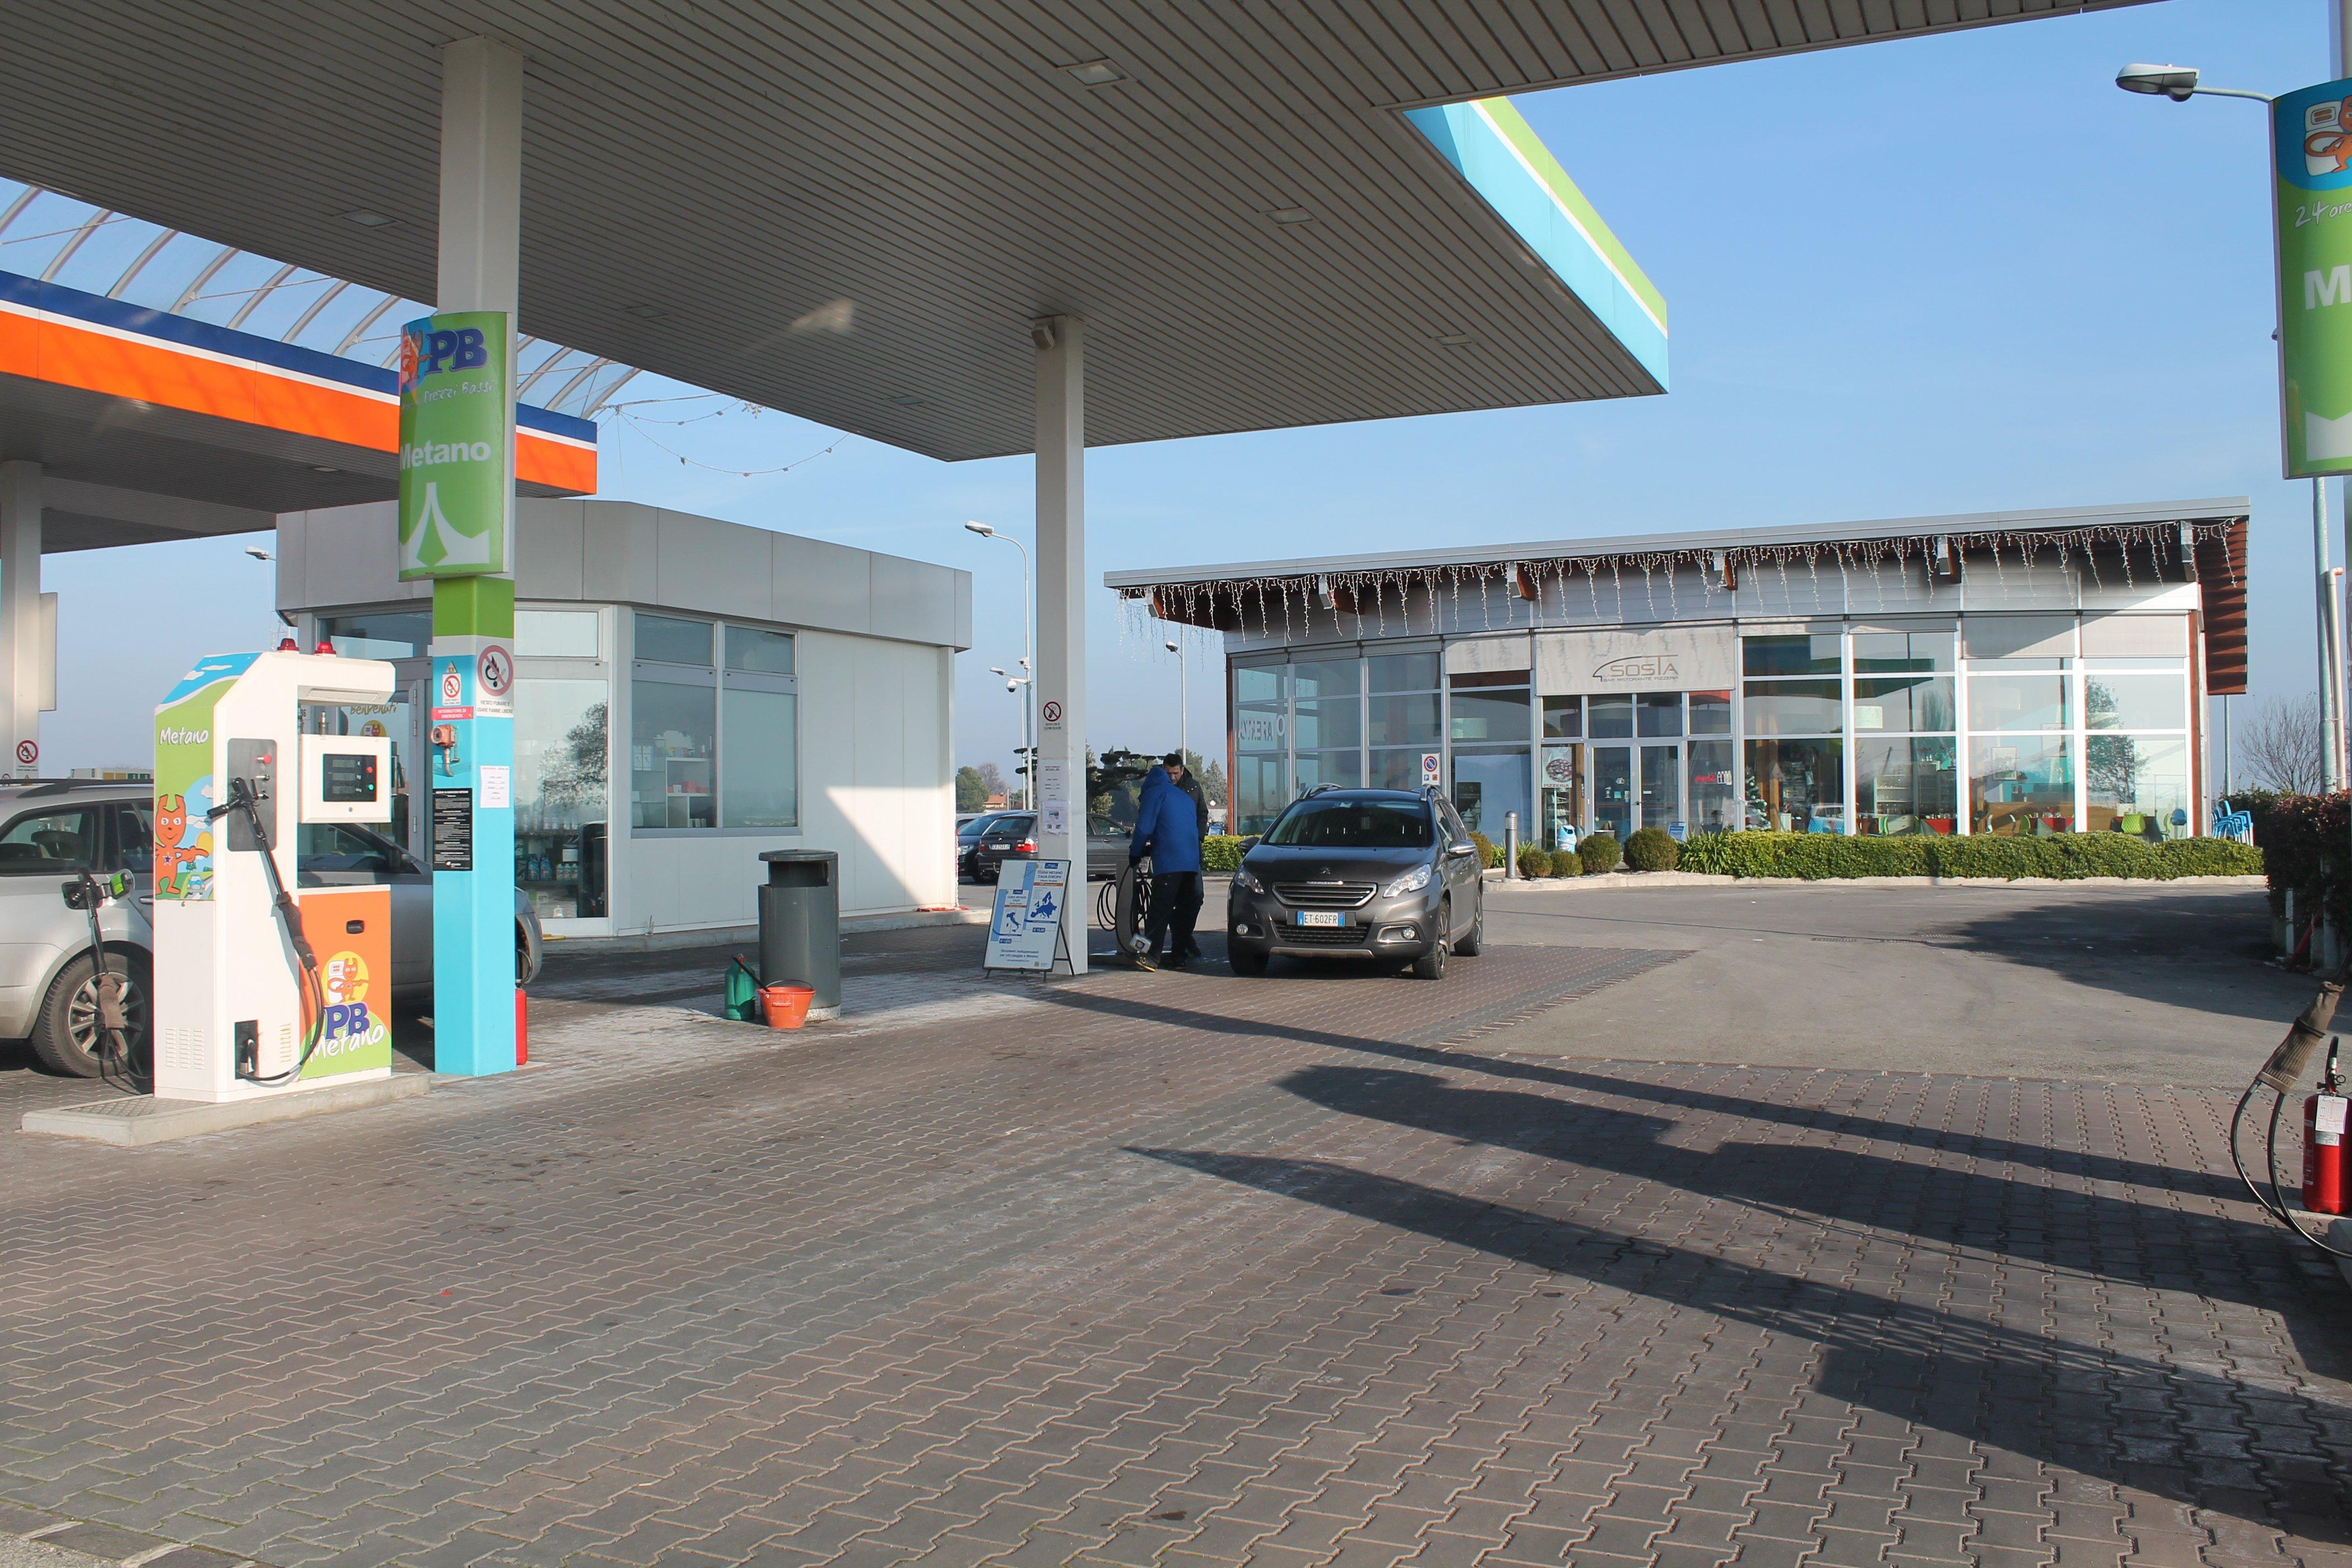 stazione di servizio con un suv grigio parcheggiato